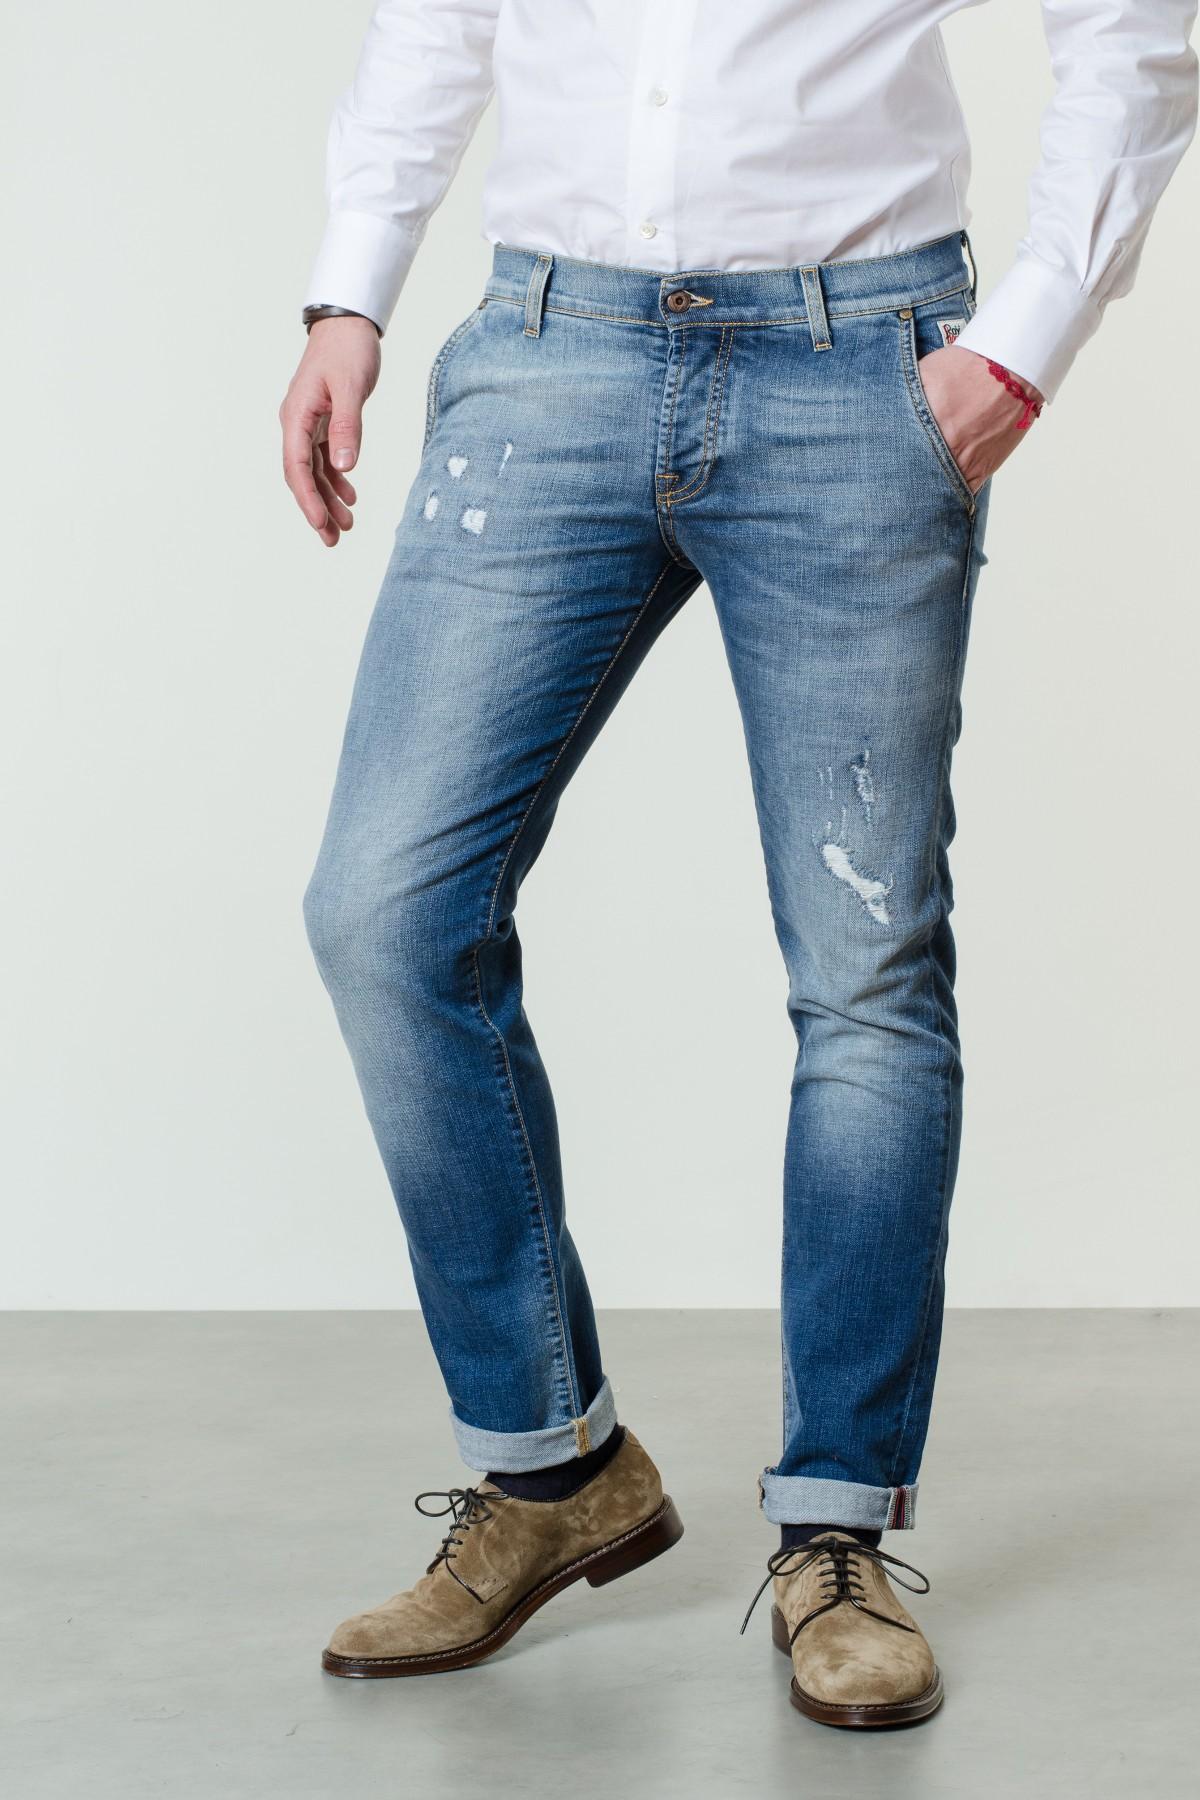 Jeans Matrimonio Uomo : Jeans uomo roy rogers p e